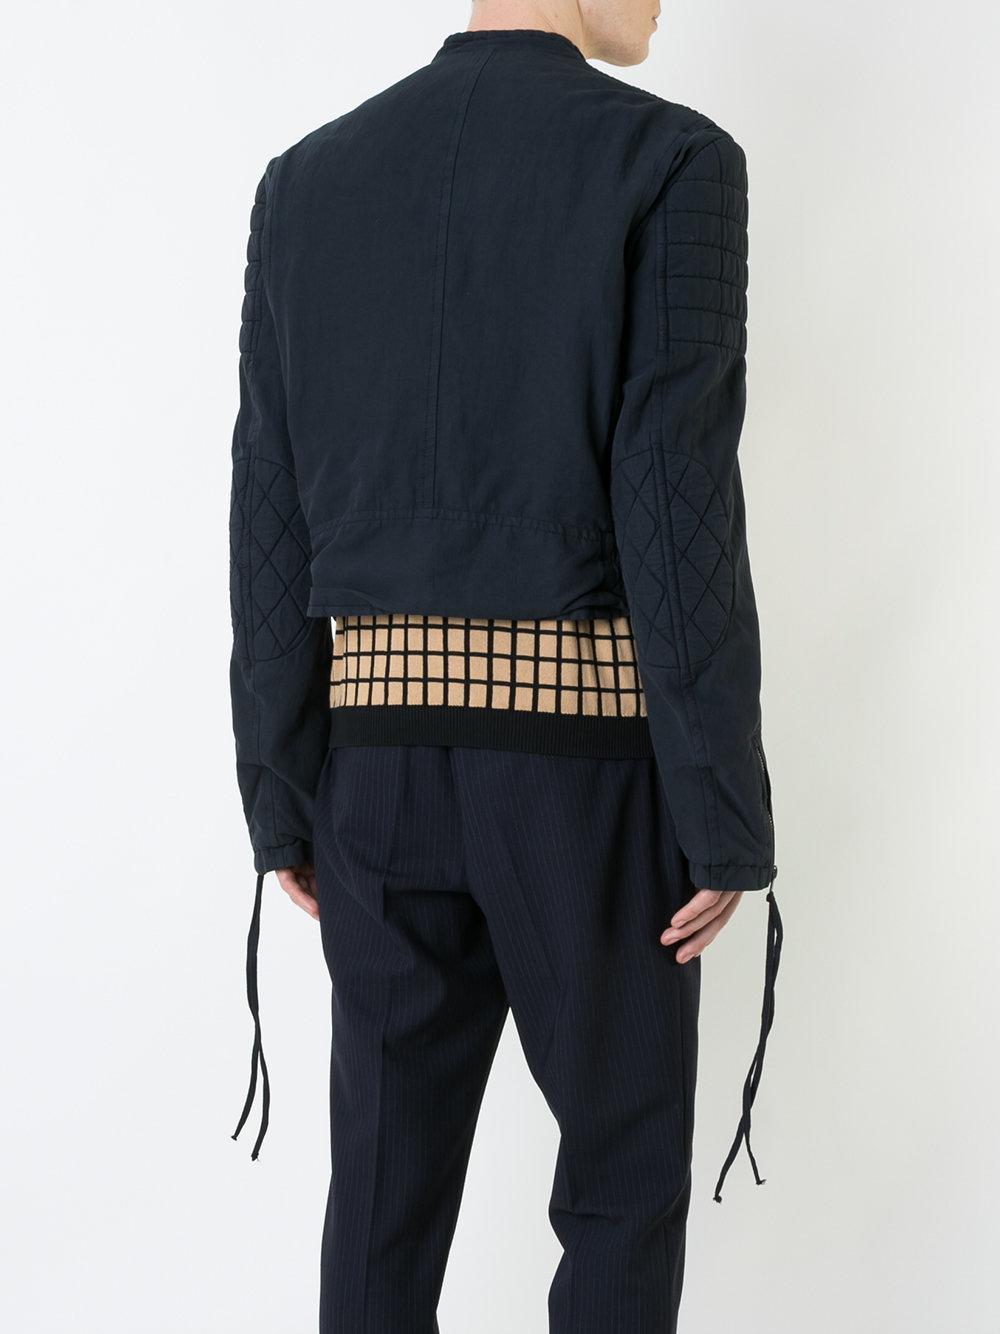 Haider Ackermann Cotton Quilted Collarless Biker Jacket in Blue for Men